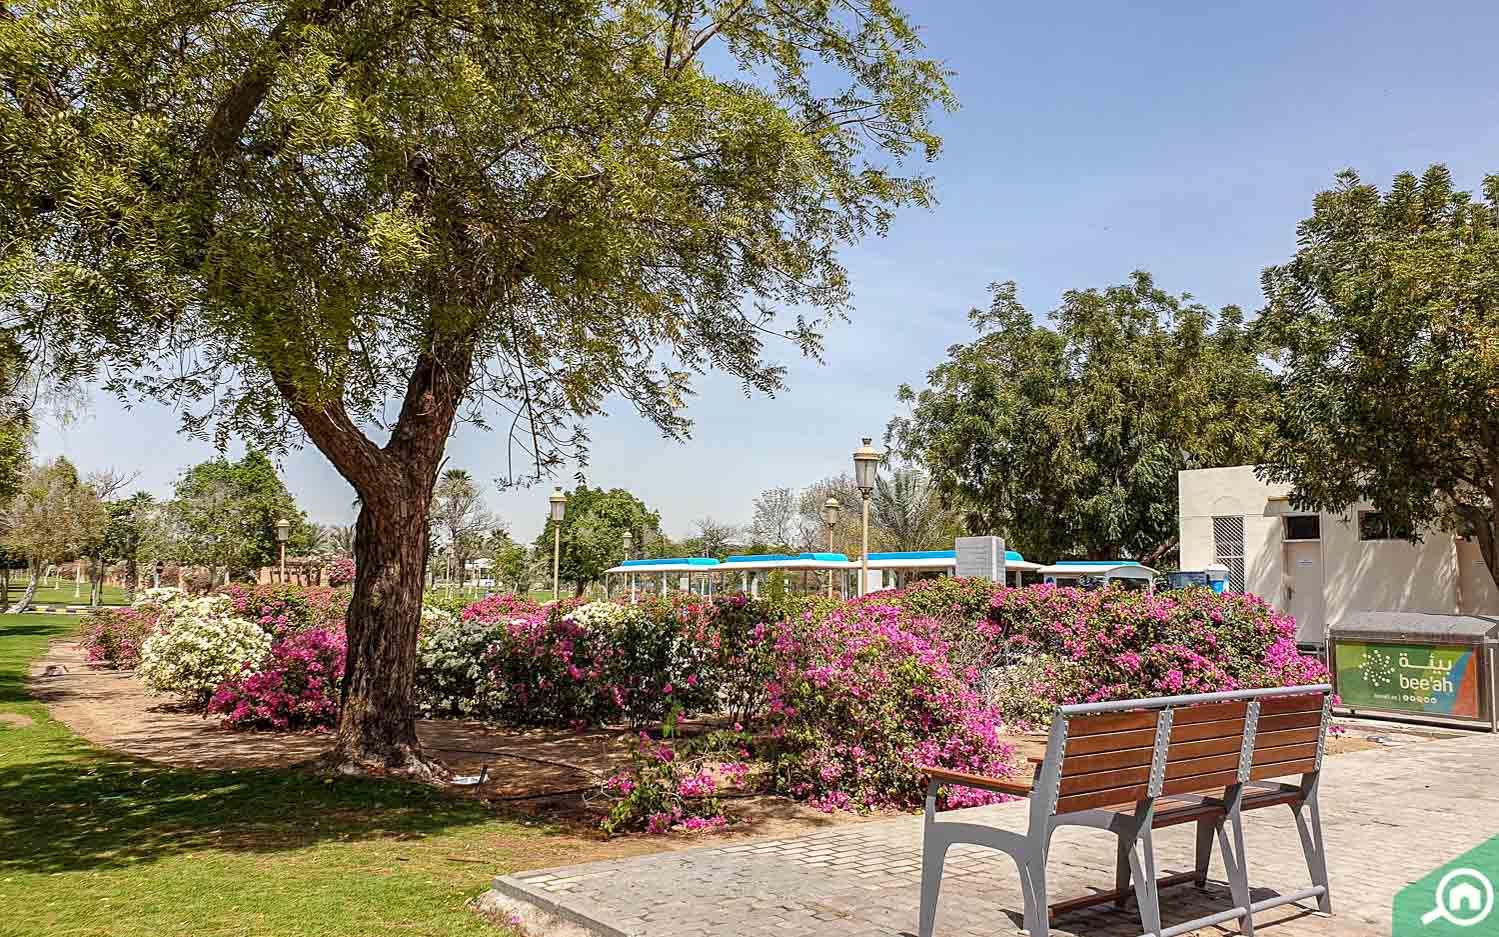 Park in Al Gharayen